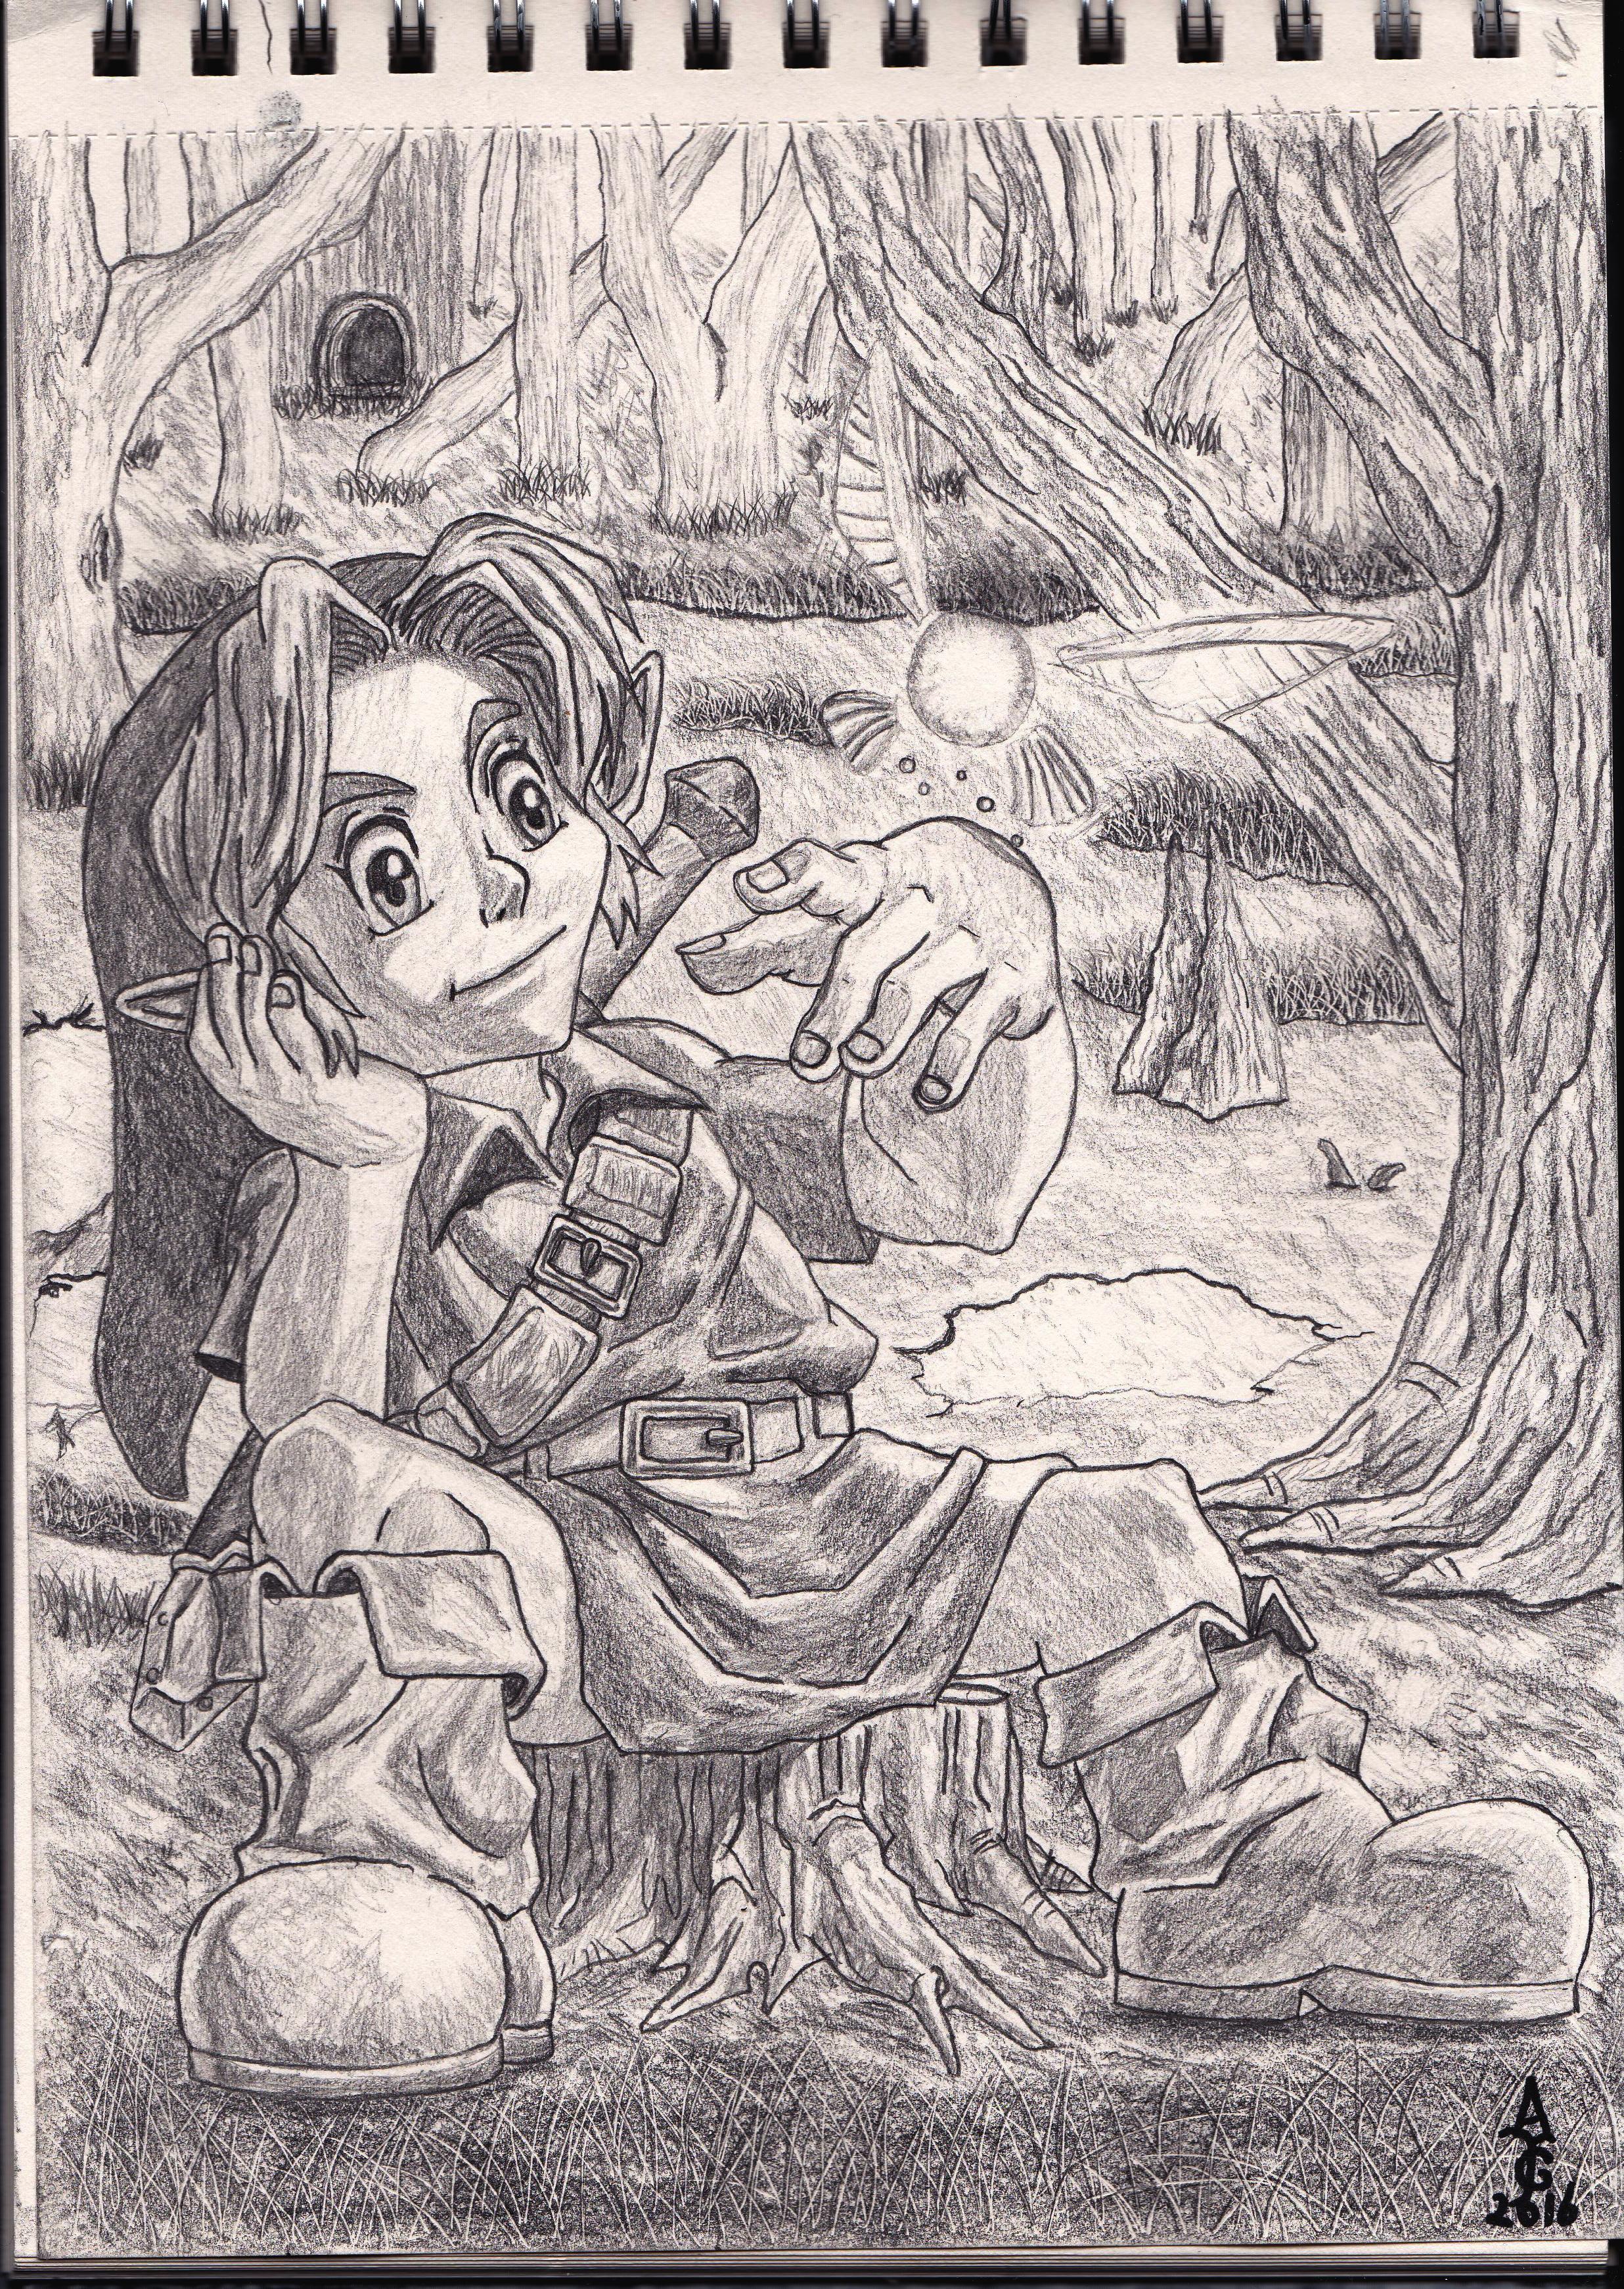 link sitting with navi in the lost woods legend of zelda ocarina of time art artwork illustration sketch fantasy artist